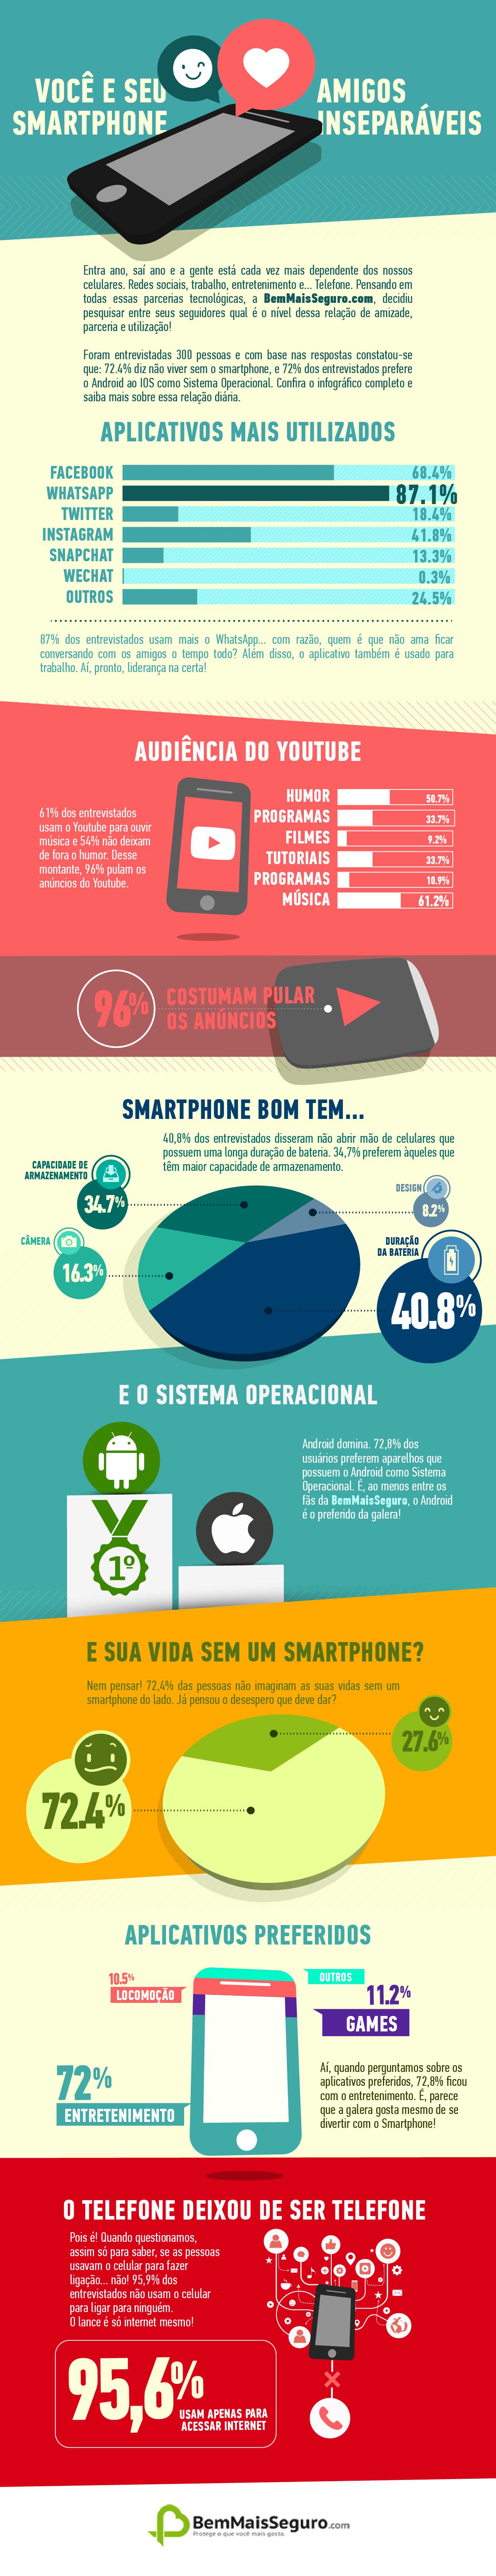 Pesquisa diz que 95,6% dos brasileiros não usam celular para fazer ligações